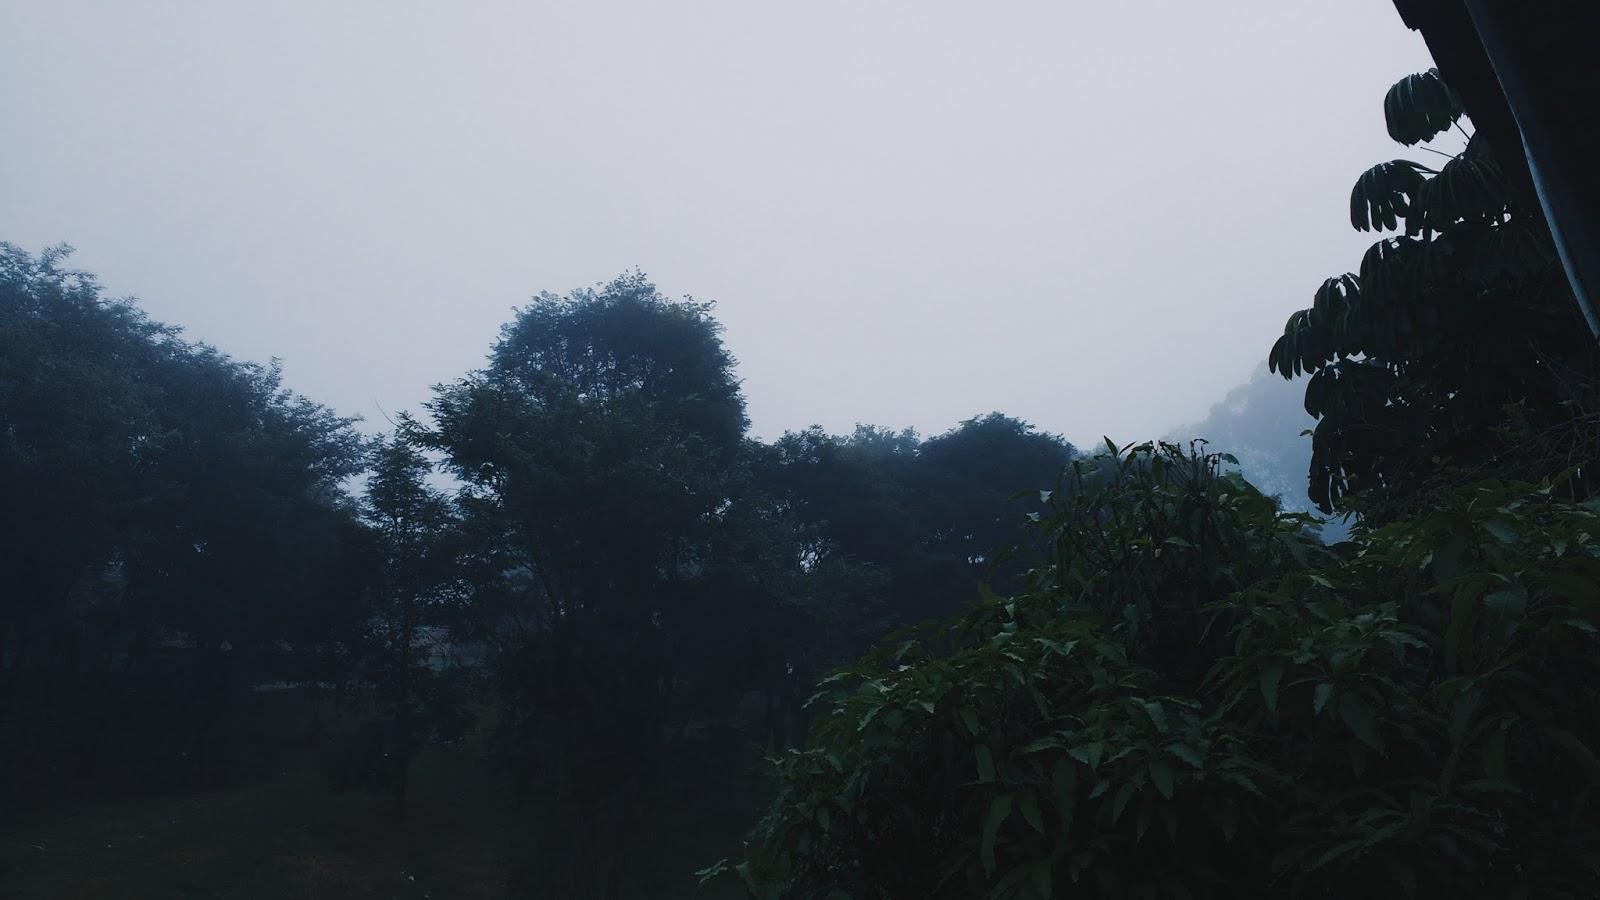 projeto fotográfico fotologia de julho no tema quem somos nós e selfies, tem metal e muita comida silent hill neblina